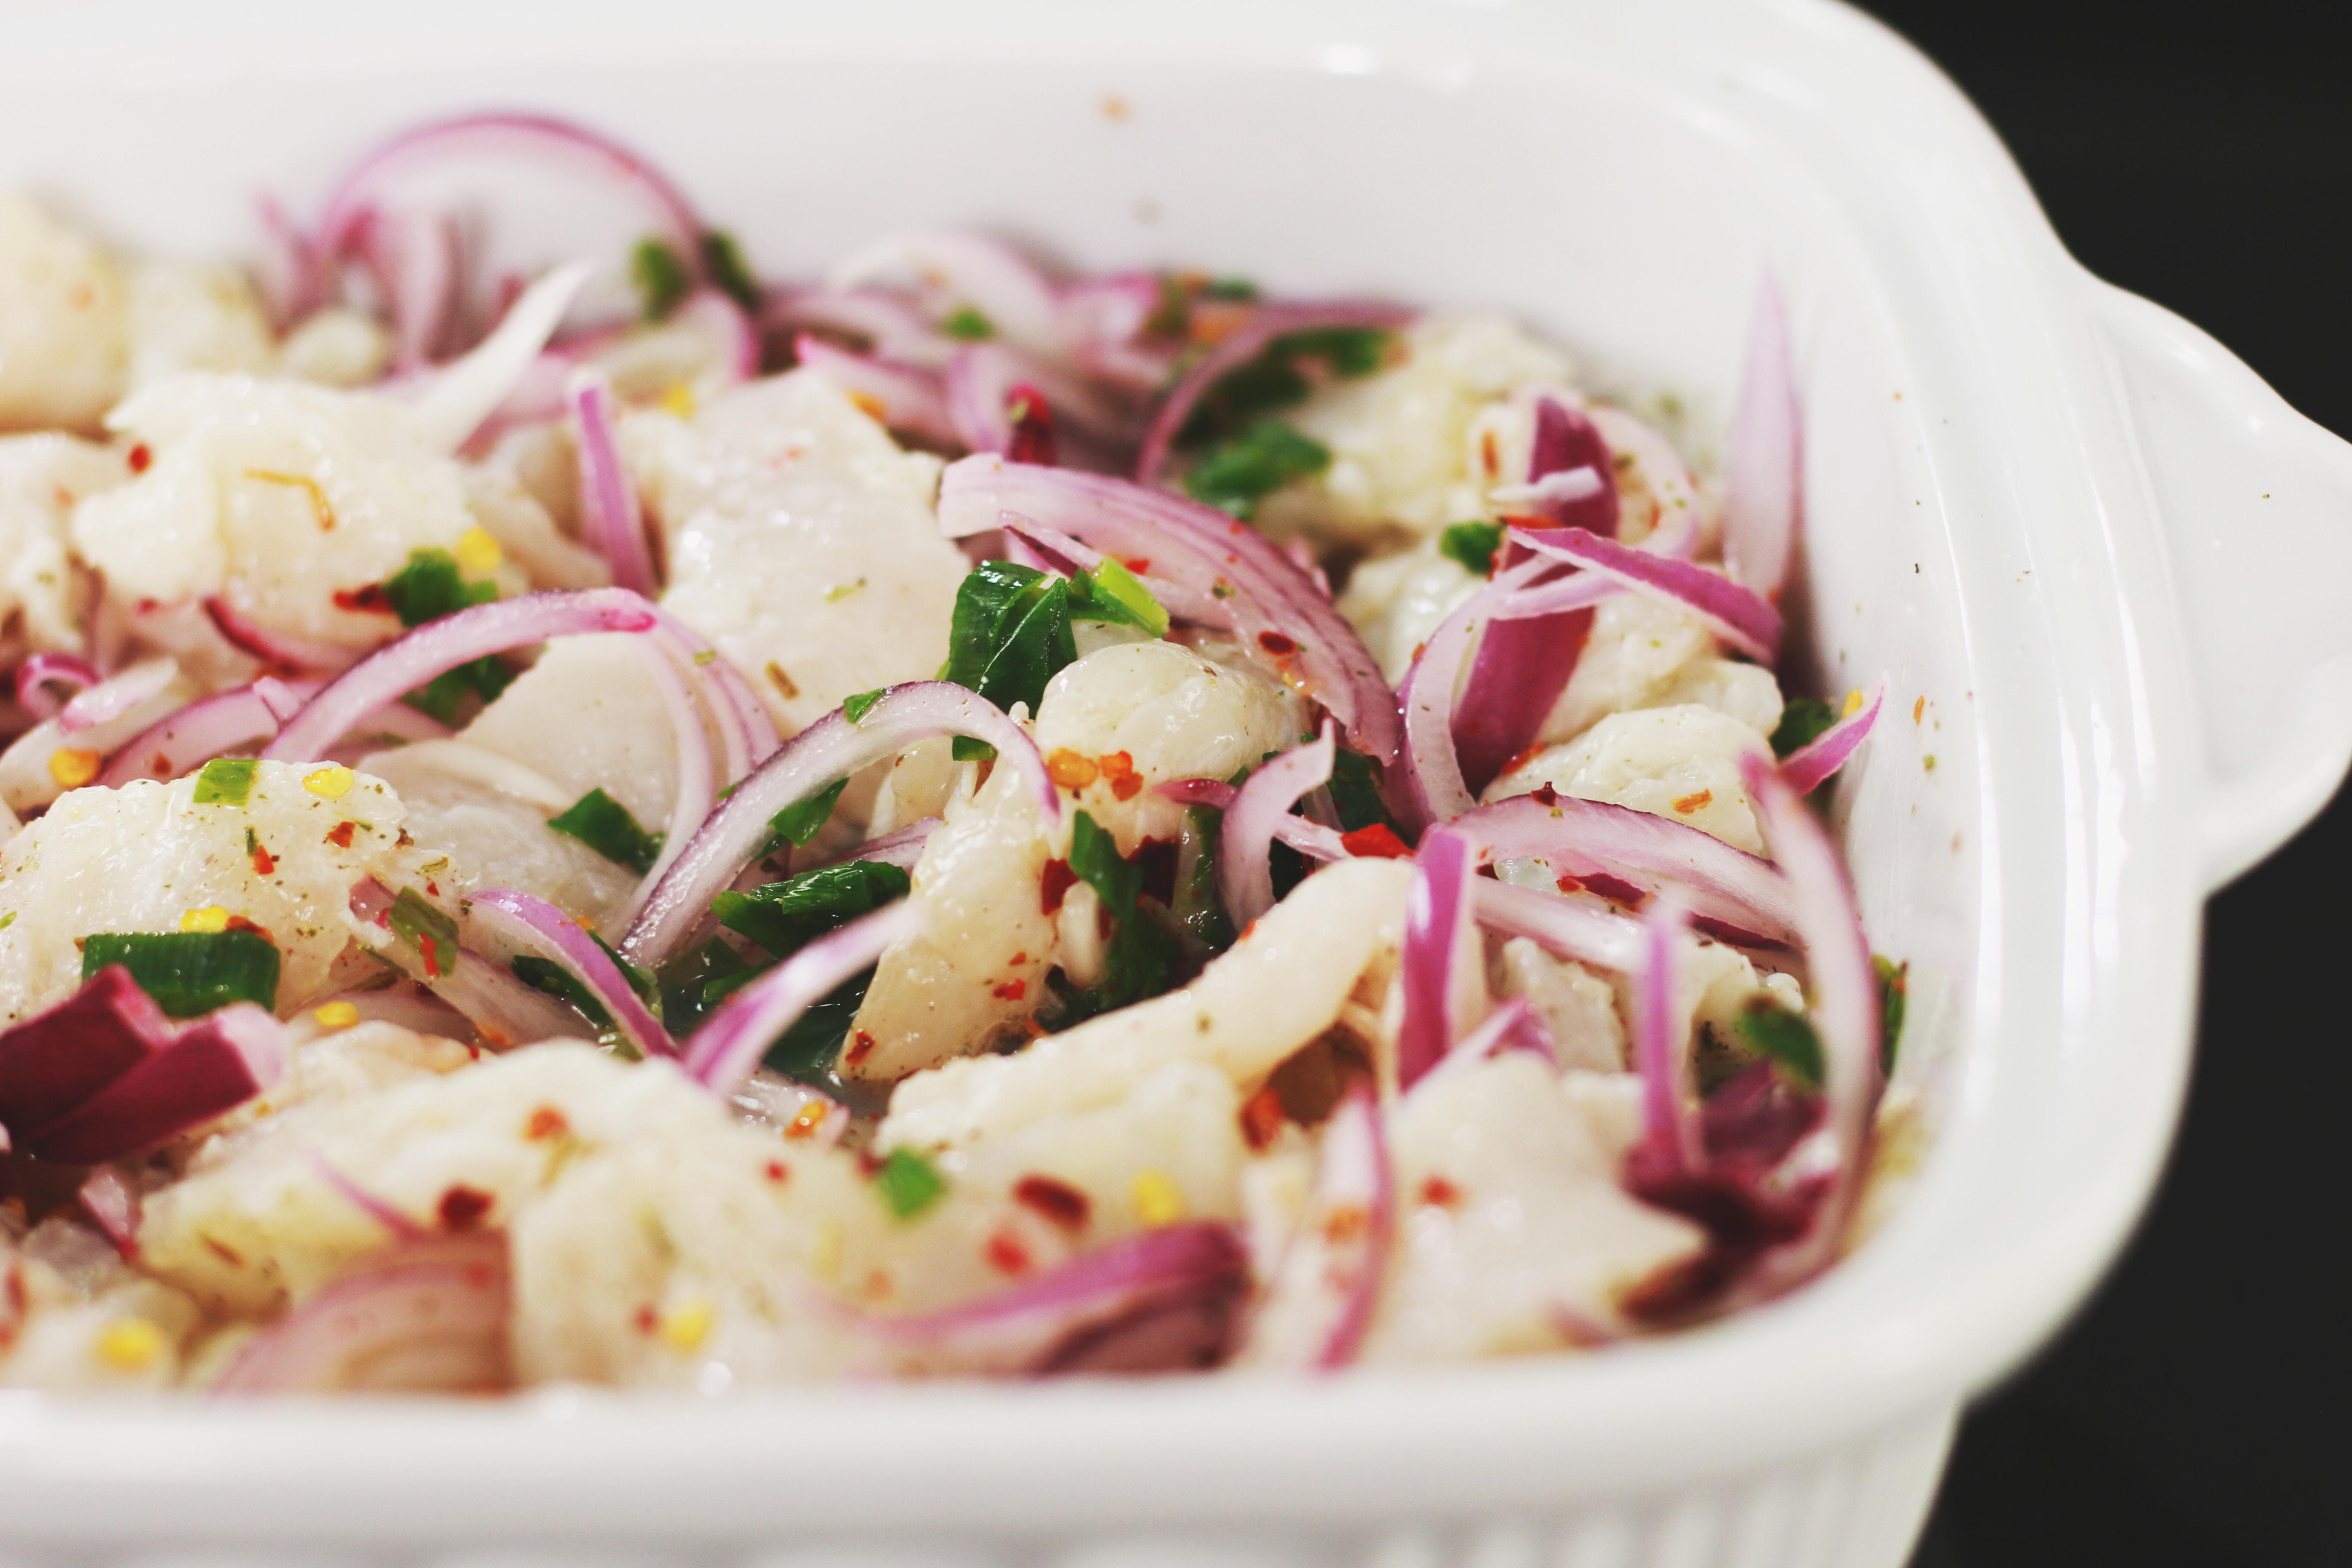 salata de cartofi - sfatulparintilor.ro - silvia-trigo-770111-unsplash